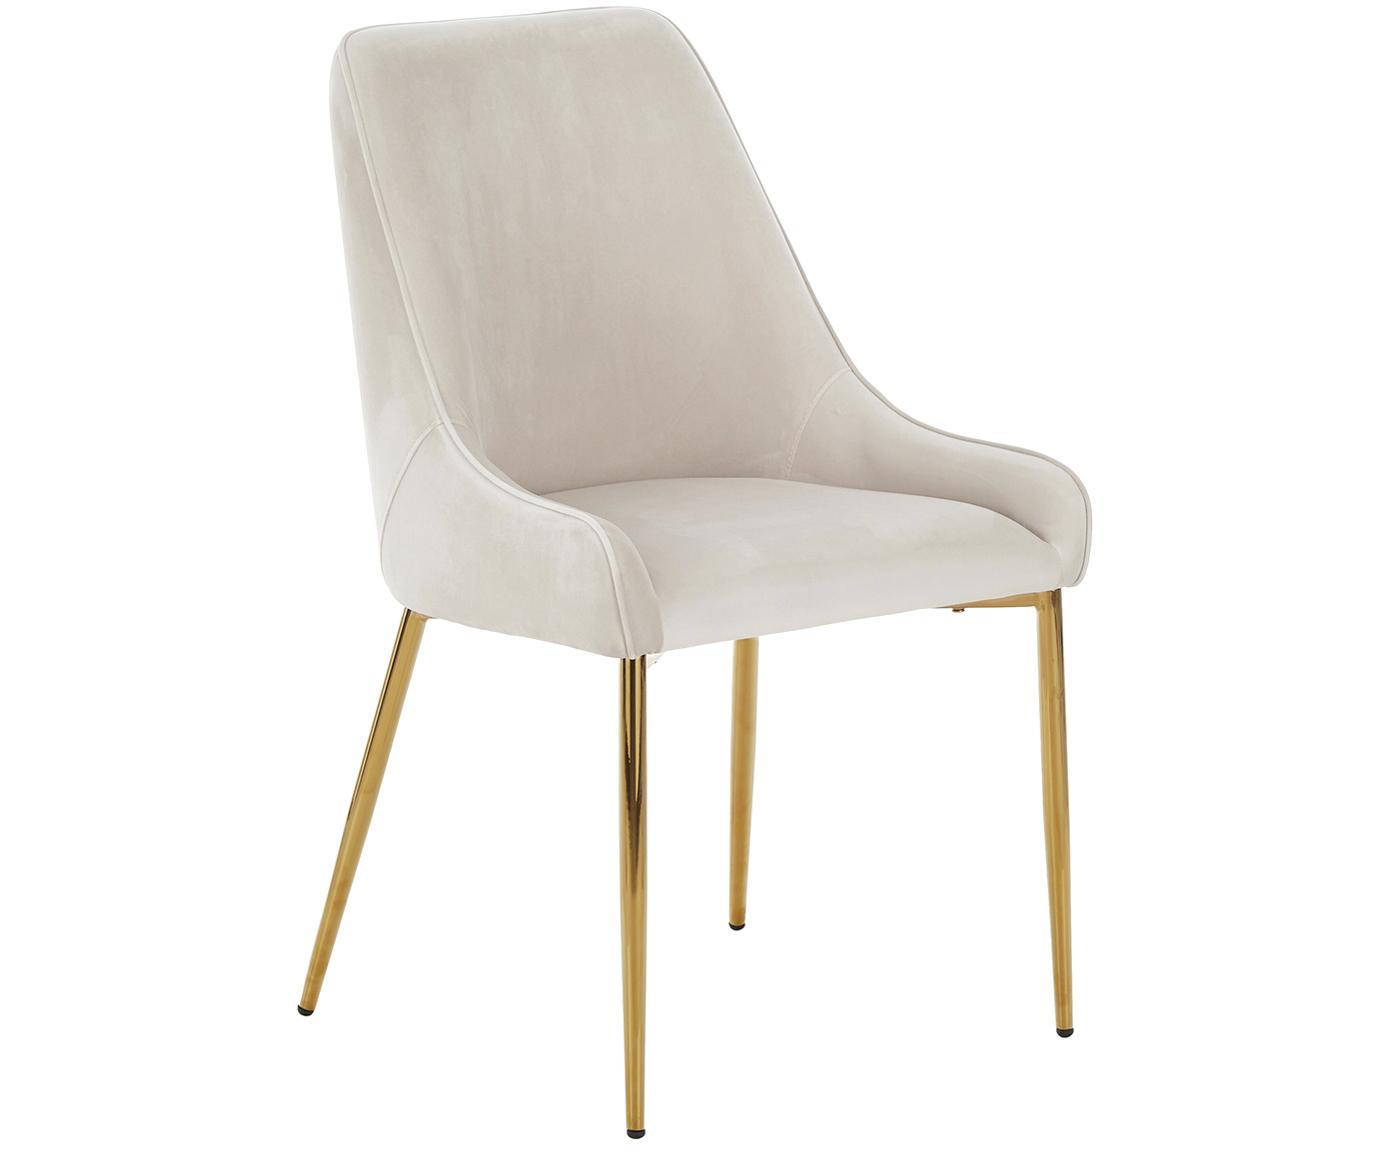 Krzesło tapicerowane z aksamitu Ava, Tapicerka: aksamit (100% poliester) , Nogi: metal galwanizowany, Aksamit beżowy, S 53 x G 60 cm